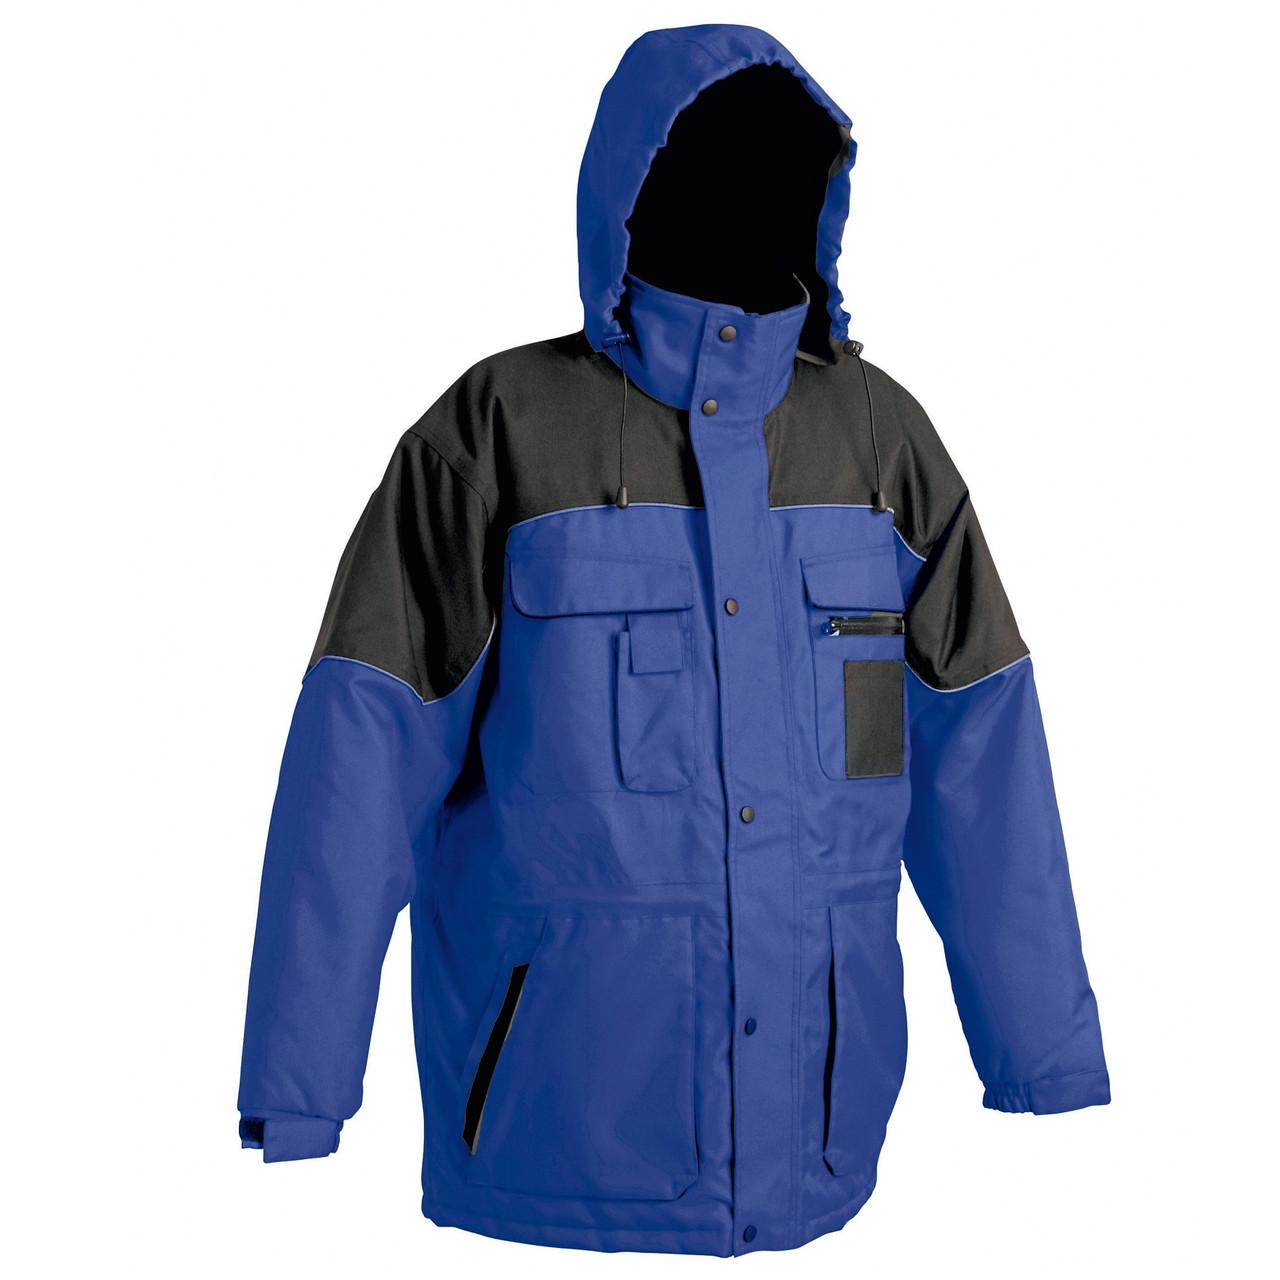 Куртка рабочая утепленная Červa ветро-водонепроницаемая ULTIMO синяя с черным